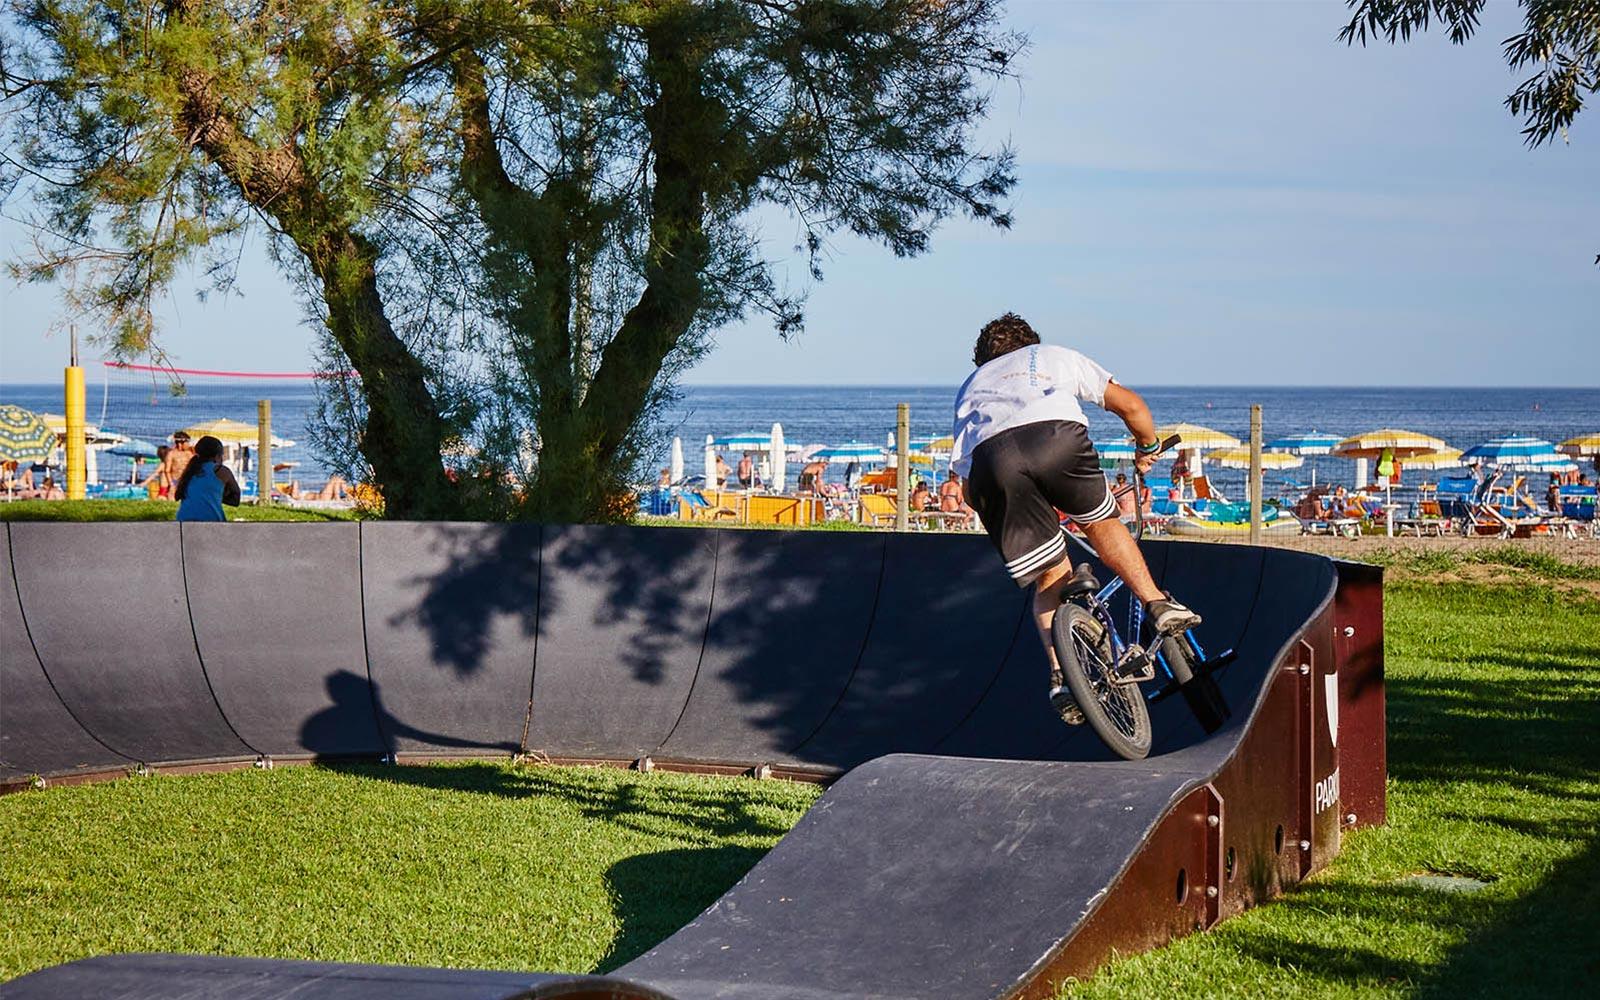 01-Med-Skate-Park